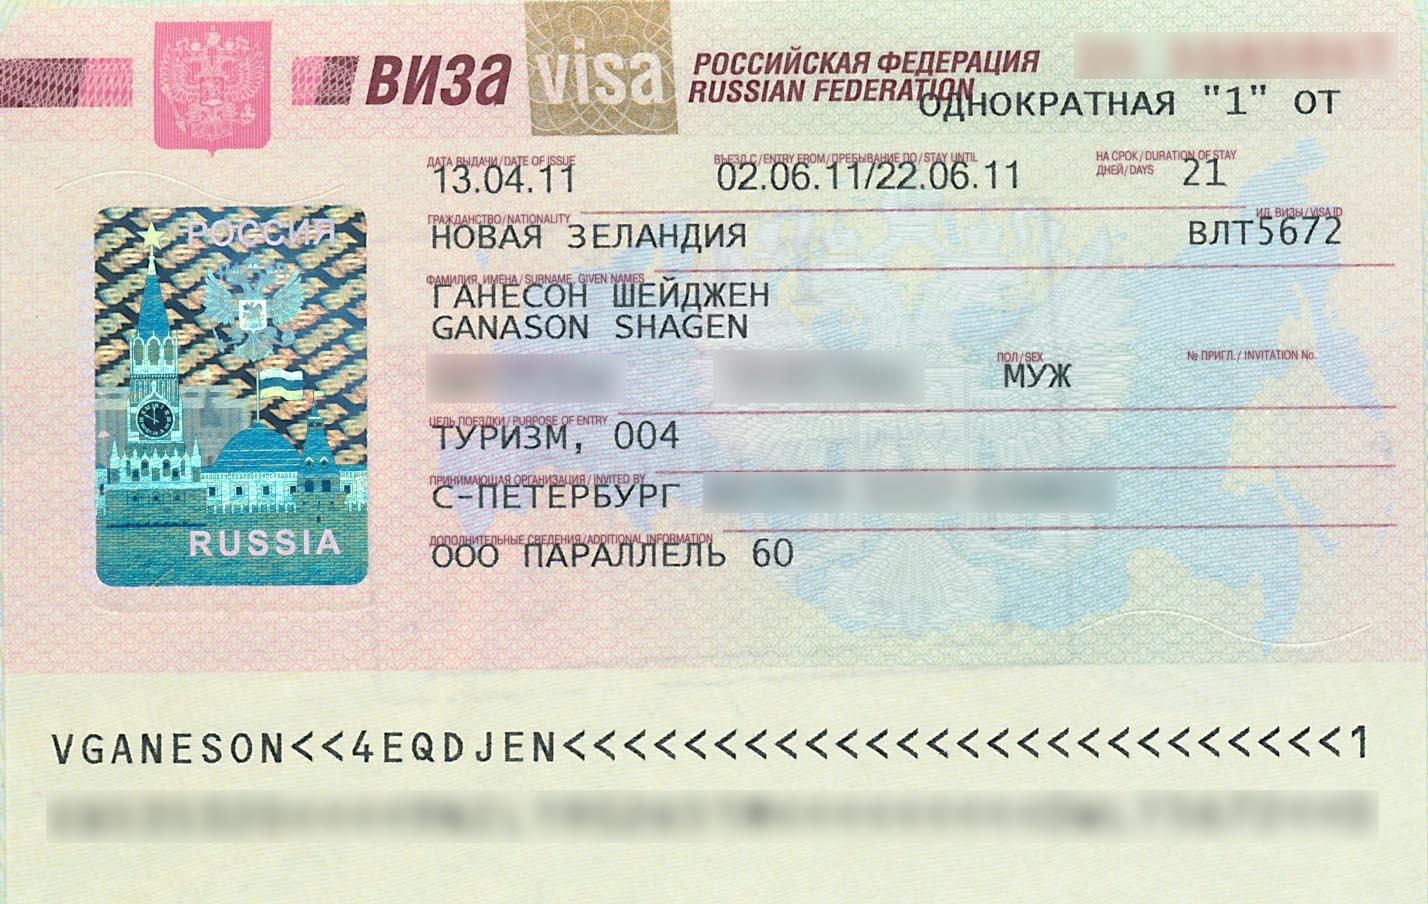 Viza v Rossiyu - Visto Rússia